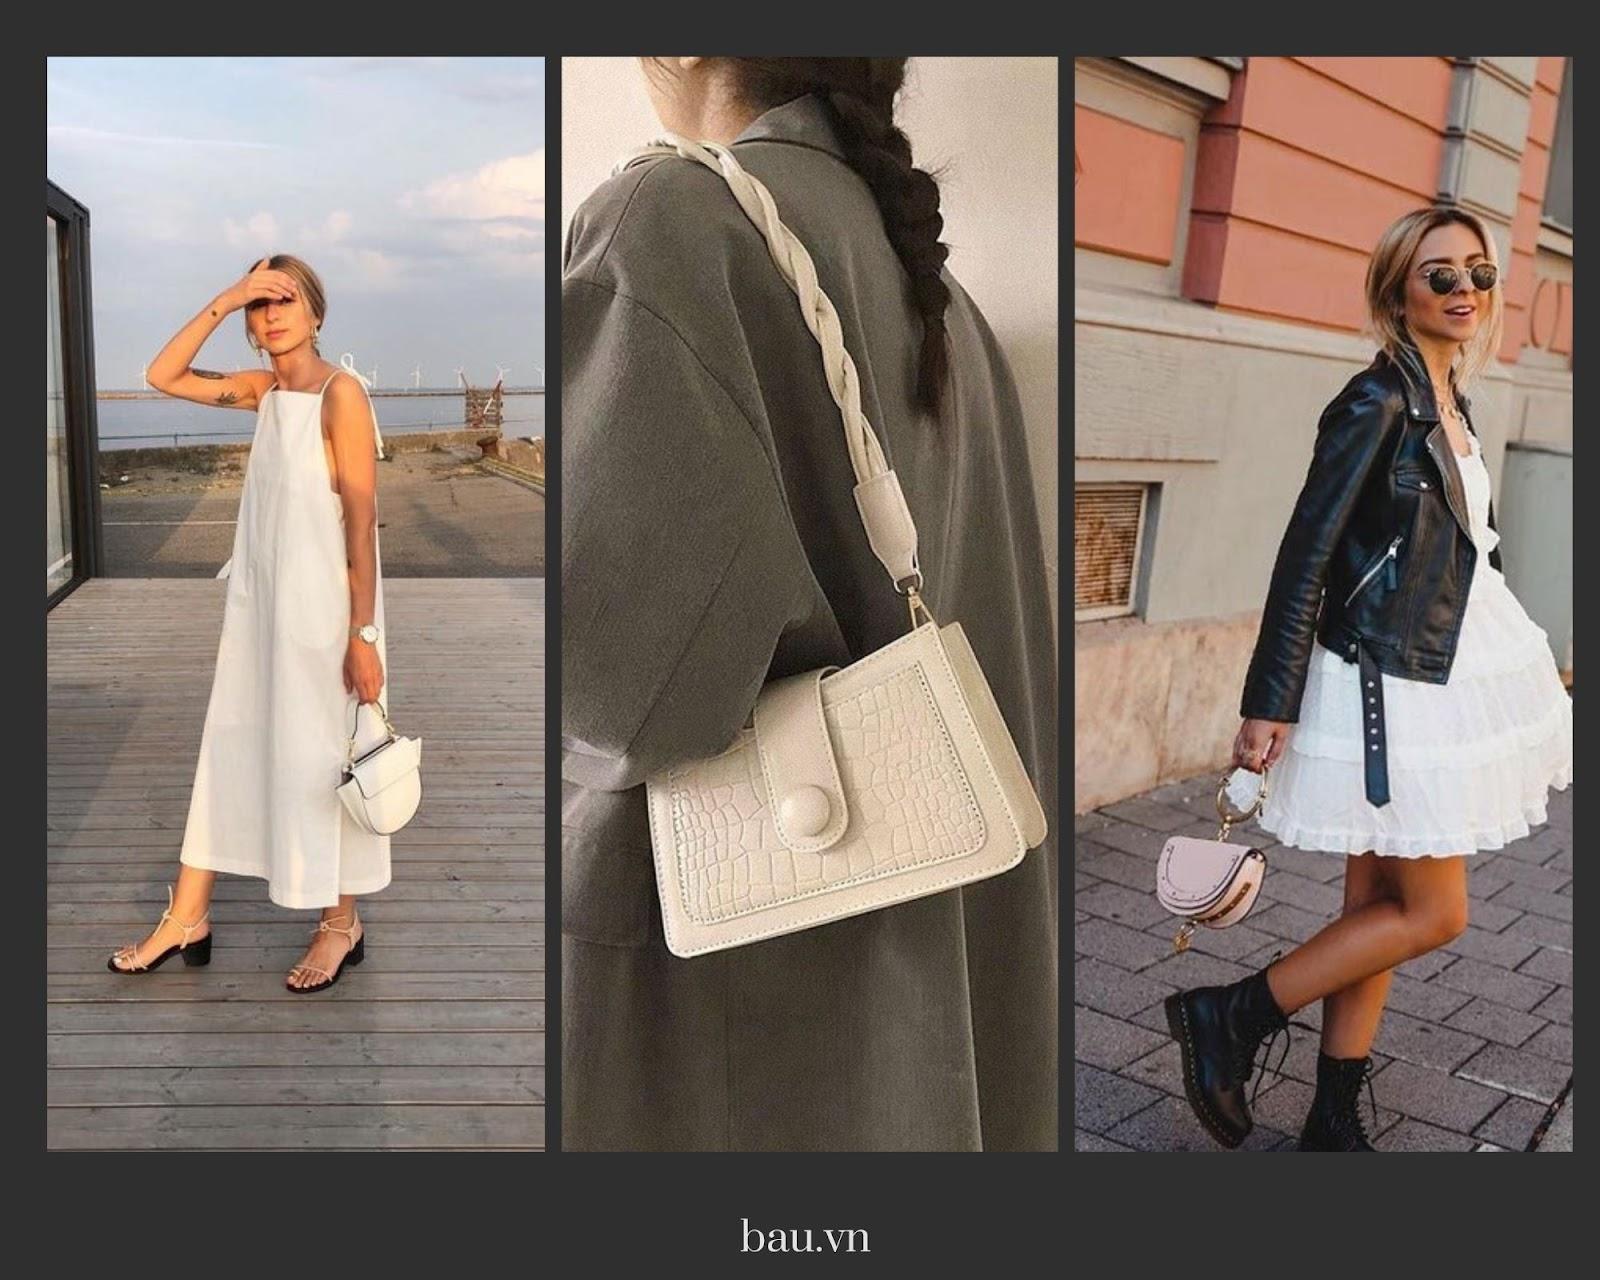 Sắm ngay những mẫu túi xách cho mùa thu đông 2020 - ảnh 2